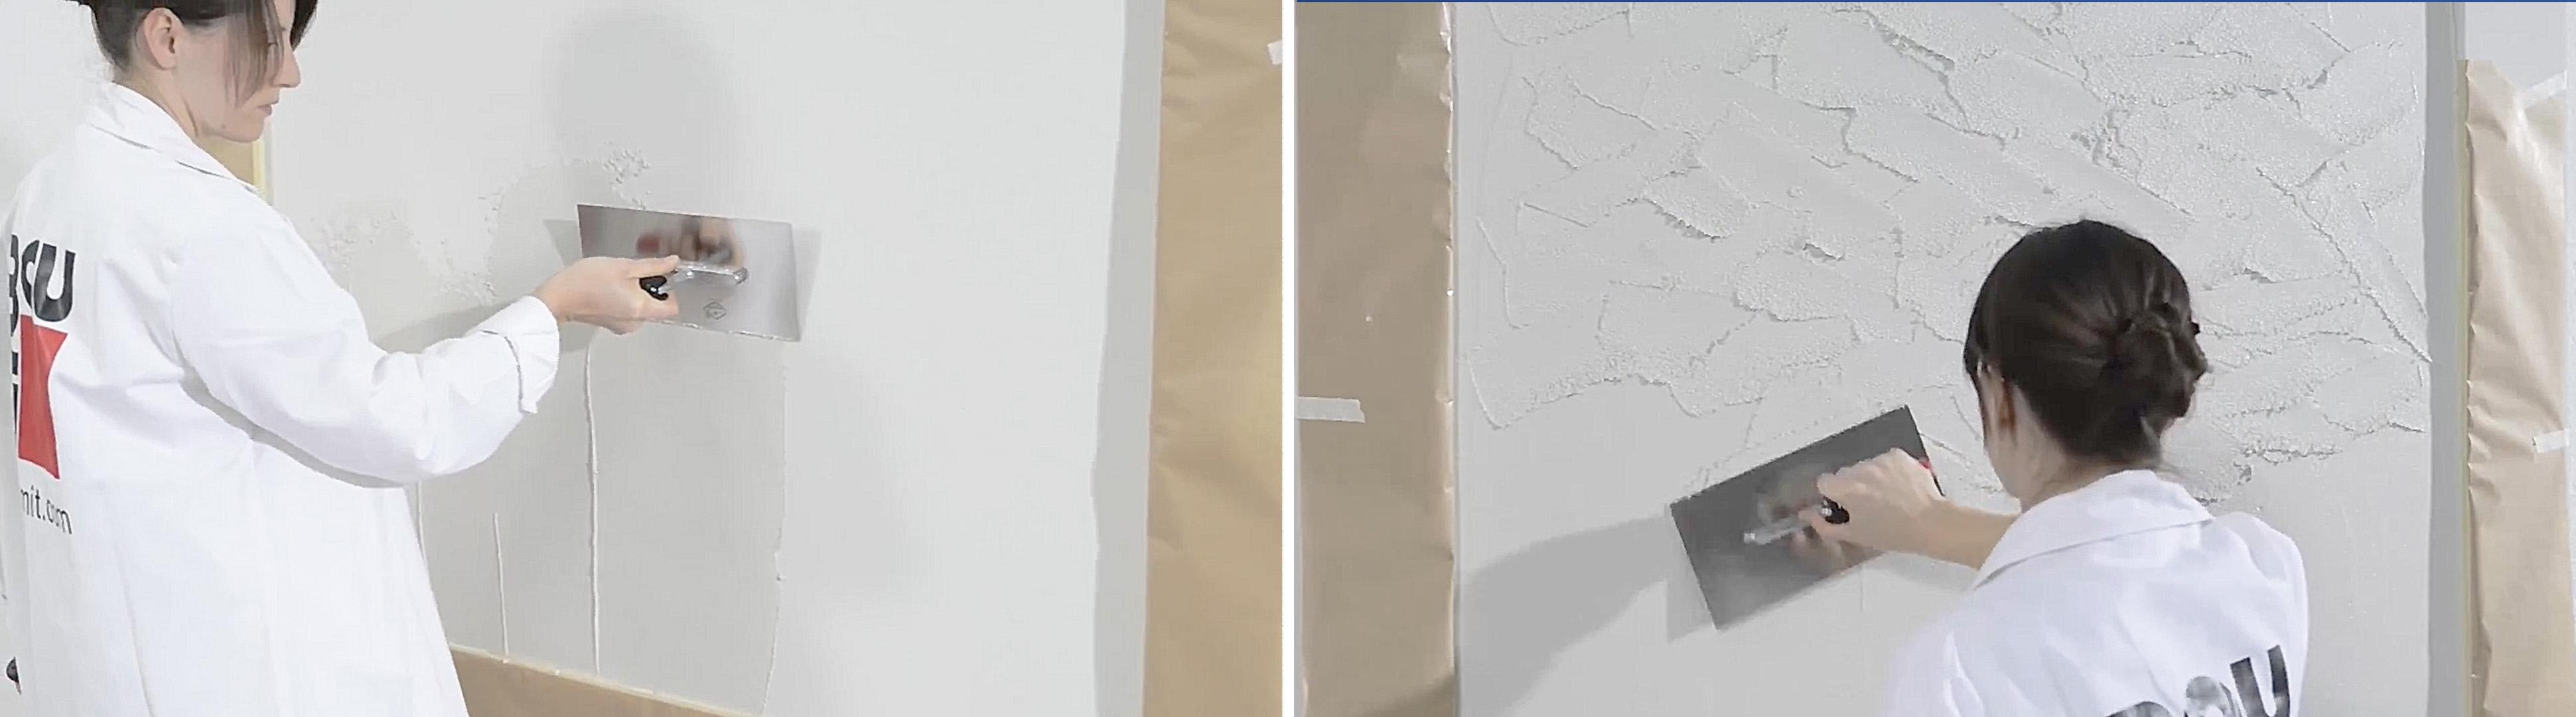 Húzott technika alkalmazása a falakon